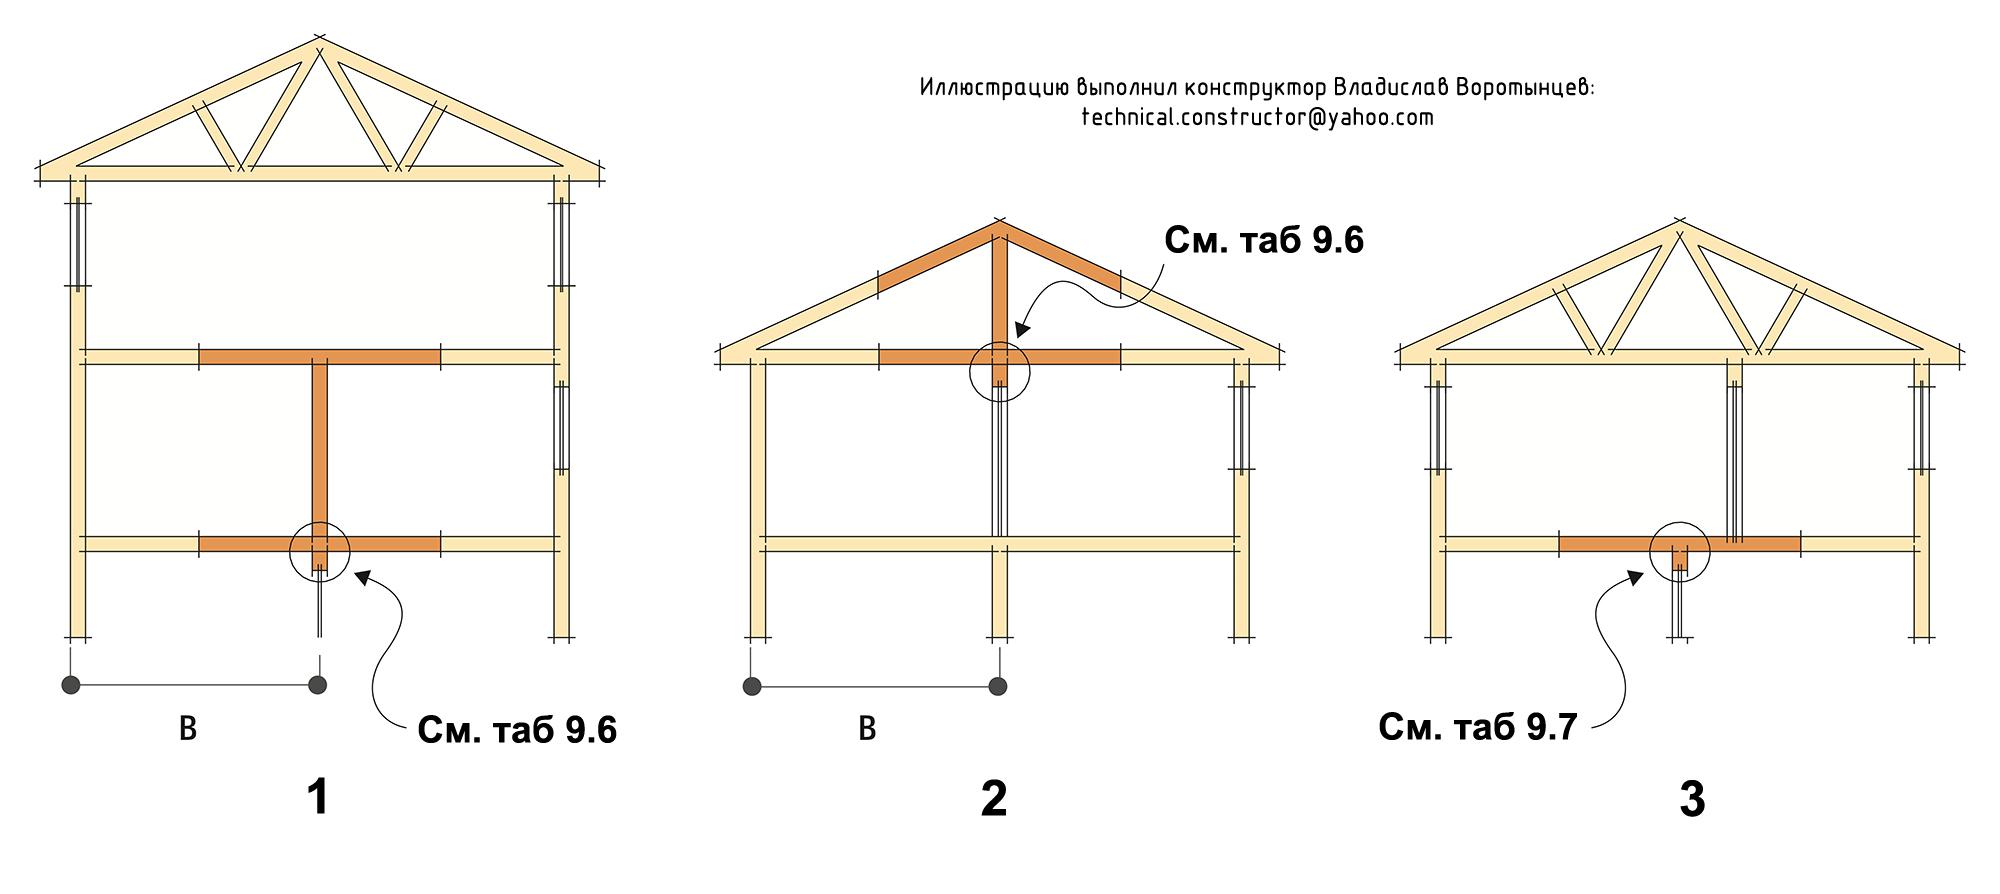 Рис. 9.26 Выбор сечения перемычек в несущих внутренних стенах в зависимости от воспринимаемых ими нагрузок. Выбор сечения перемычек в несущих деревянных каркасных стенах